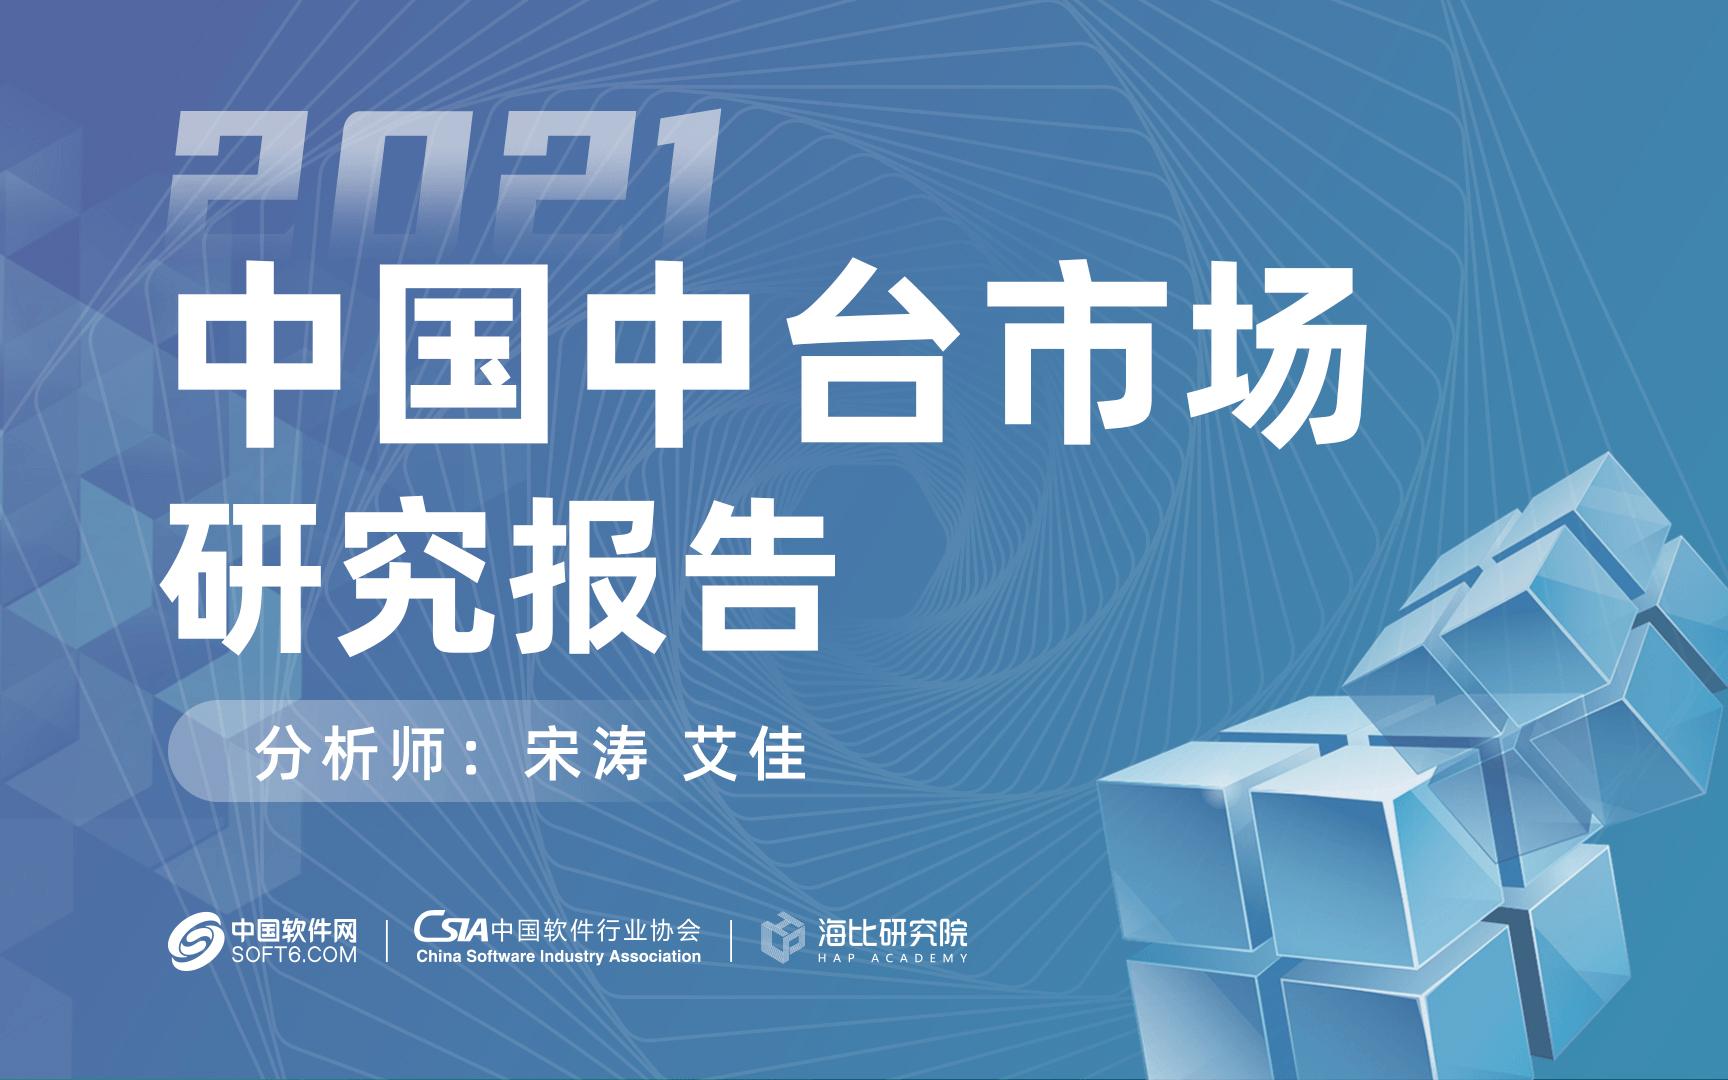 2021中国中台市场发展趋势论坛